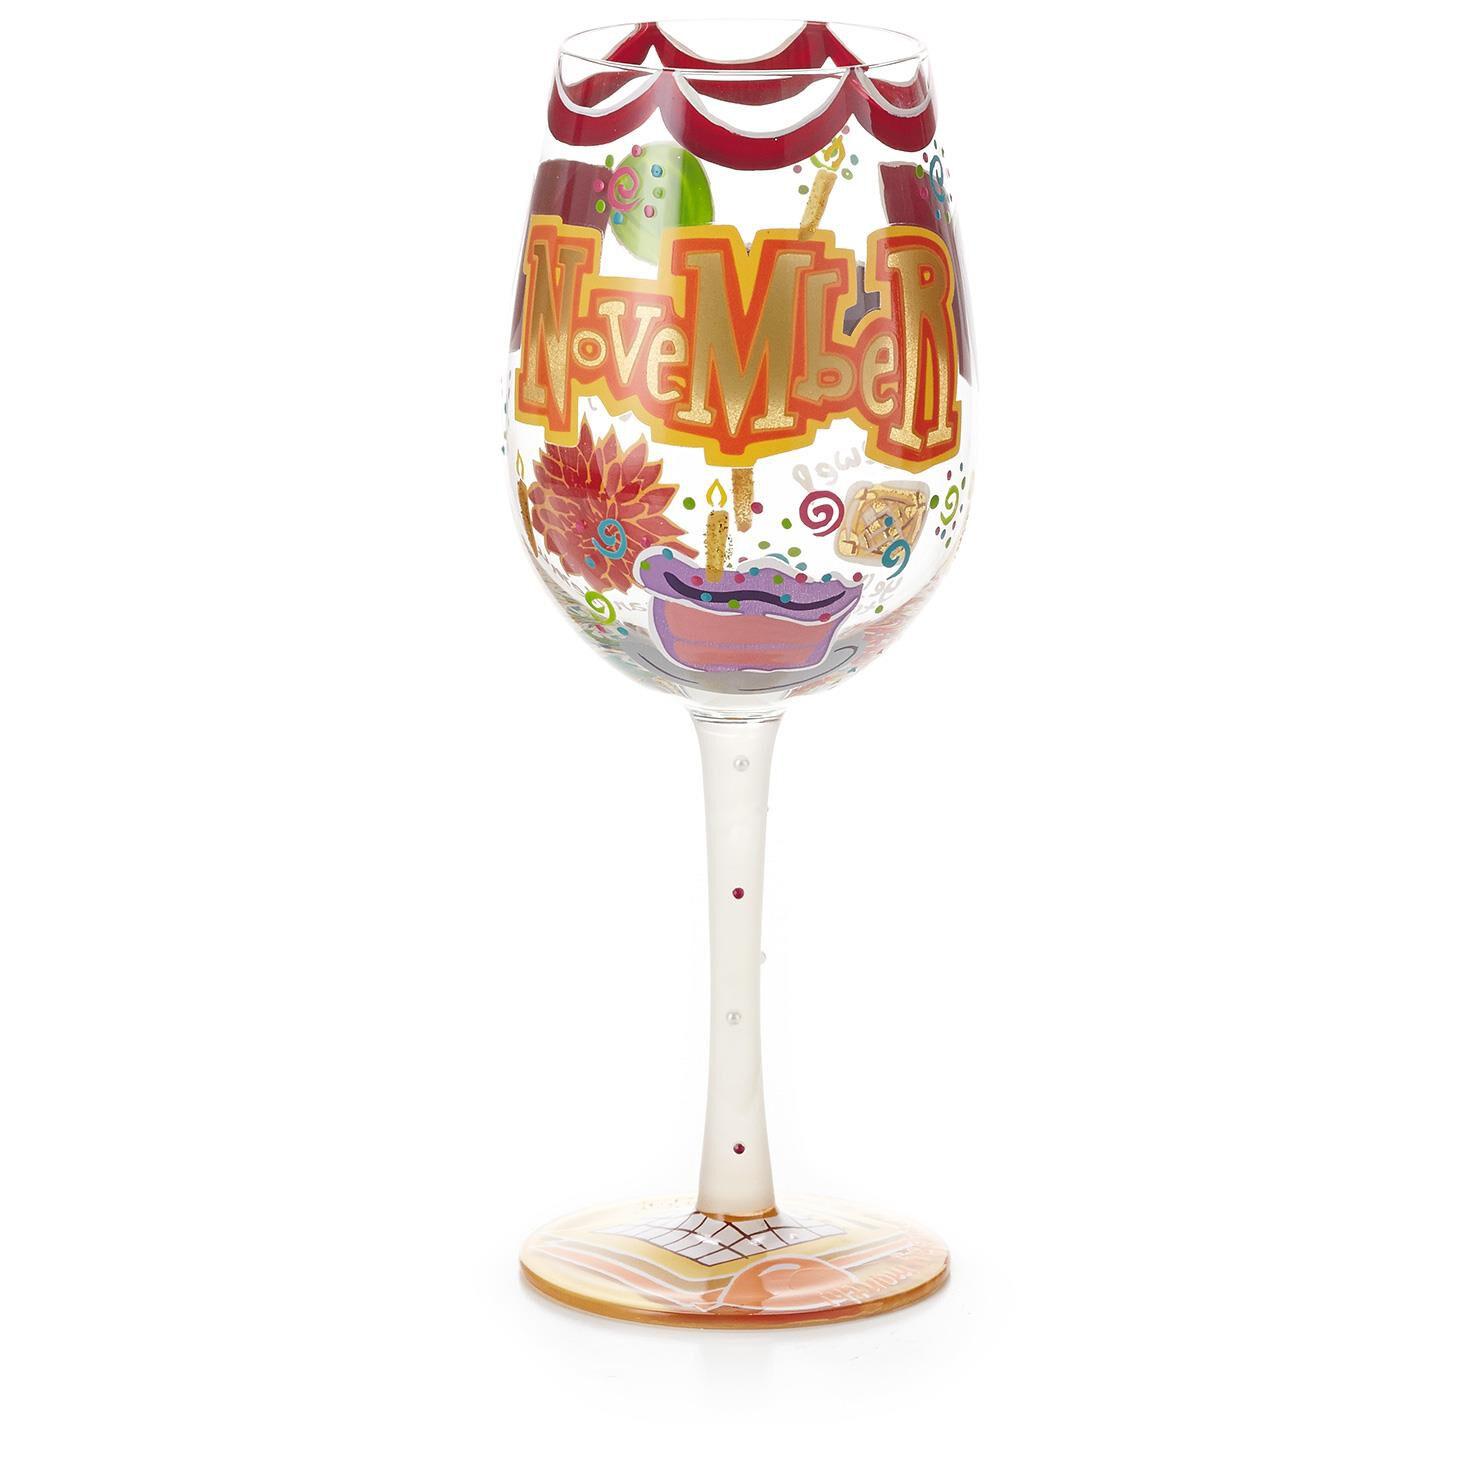 lolita november happy birthday handpainted wine glass 15 oz wine glasses hallmark - Happy Birthday Wine Glass